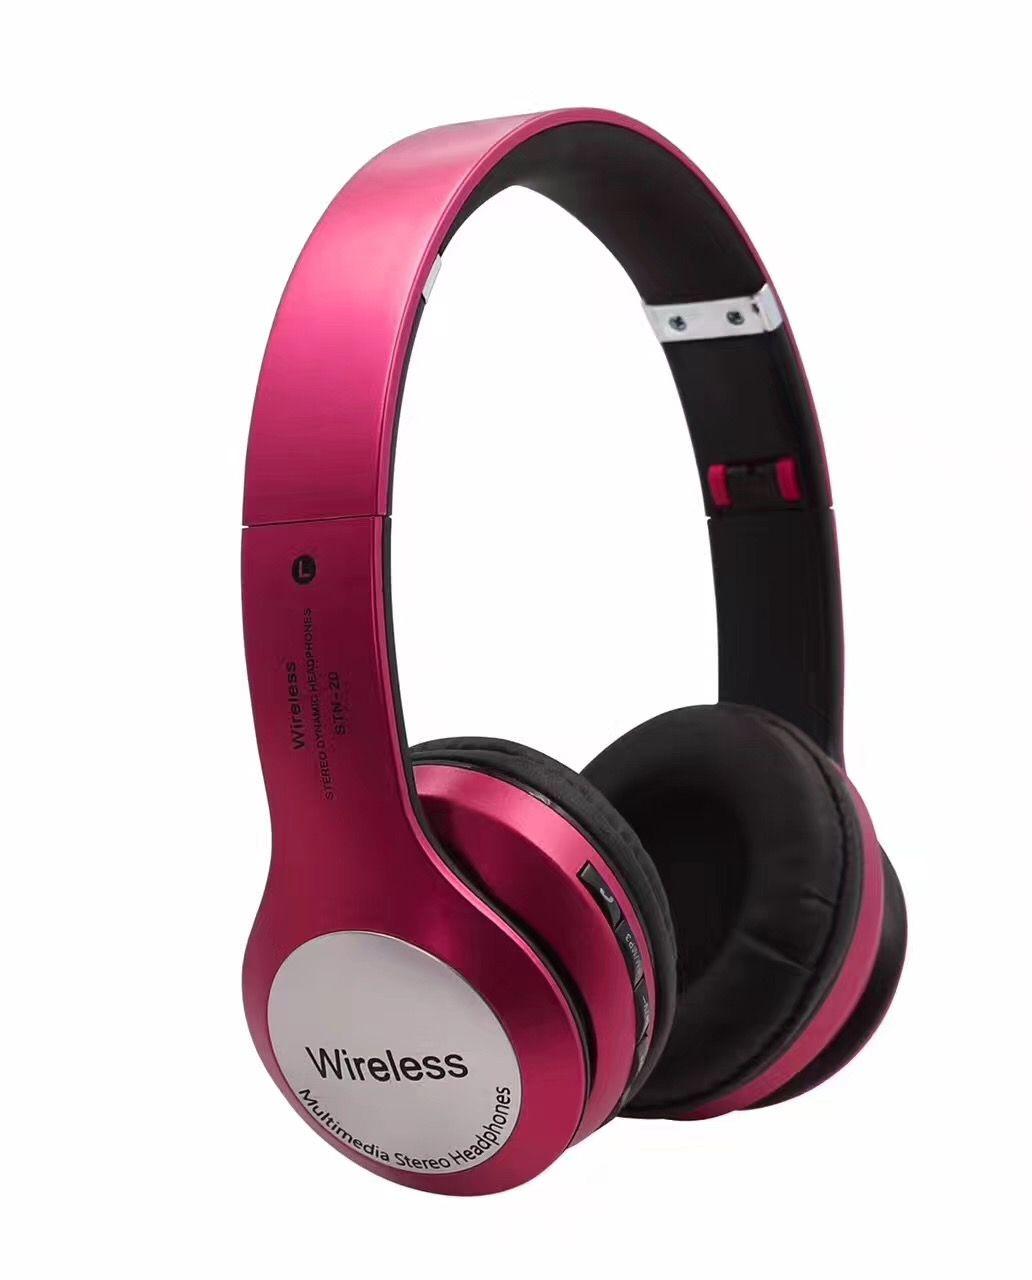 2017hot drahtlose stereo bluetooth headset kopfhörer drahtlose stirnband headest für lg iphone 7 samsung s7 tragbare drahtlose mp3 player headest